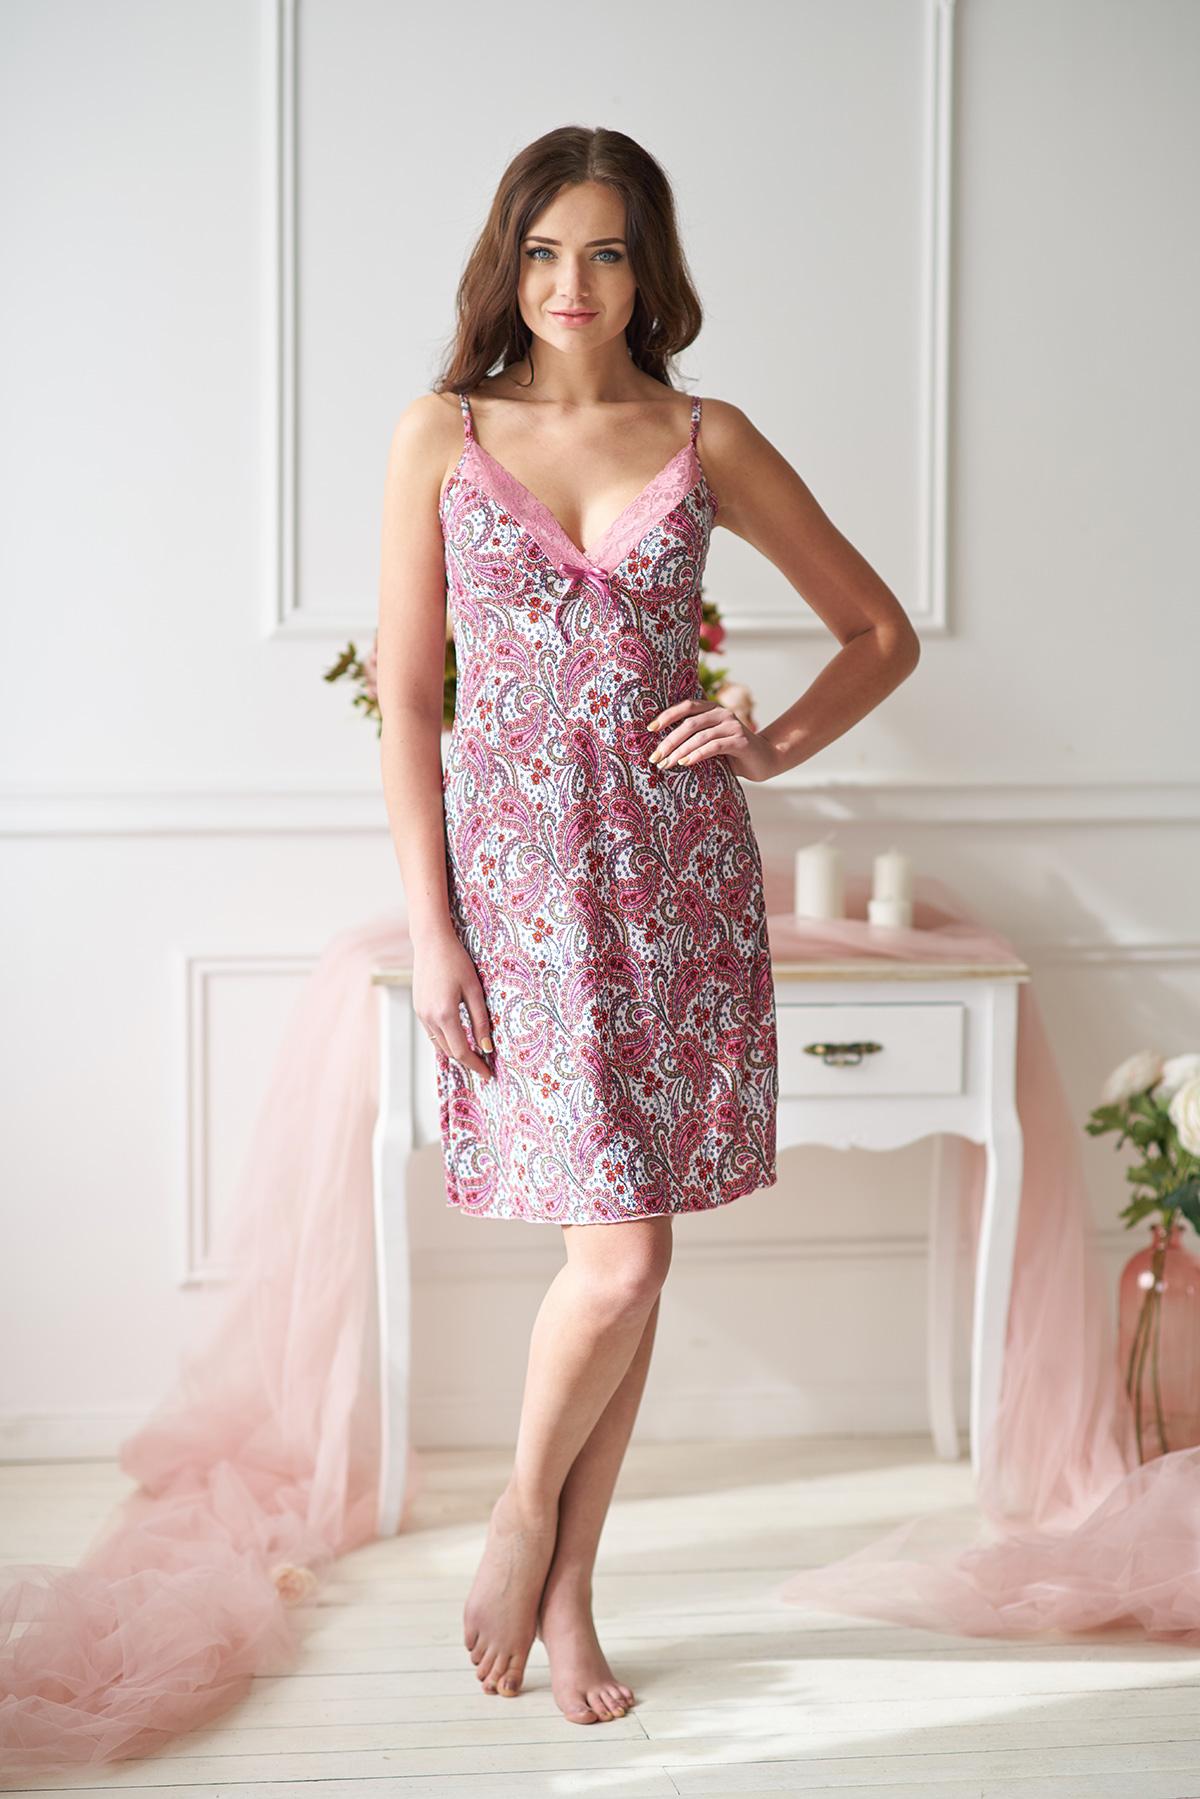 Жен. сорочка арт. 19-0014 Розовый р. 42Ночные сорочки<br>Факт. ОГ: 72 см <br>Факт. ОТ: 84 см <br>Факт. ОБ: 96 см <br>Длина по спинке: 74 см<br><br>Тип: Жен. сорочка<br>Размер: 42<br>Материал: Масло